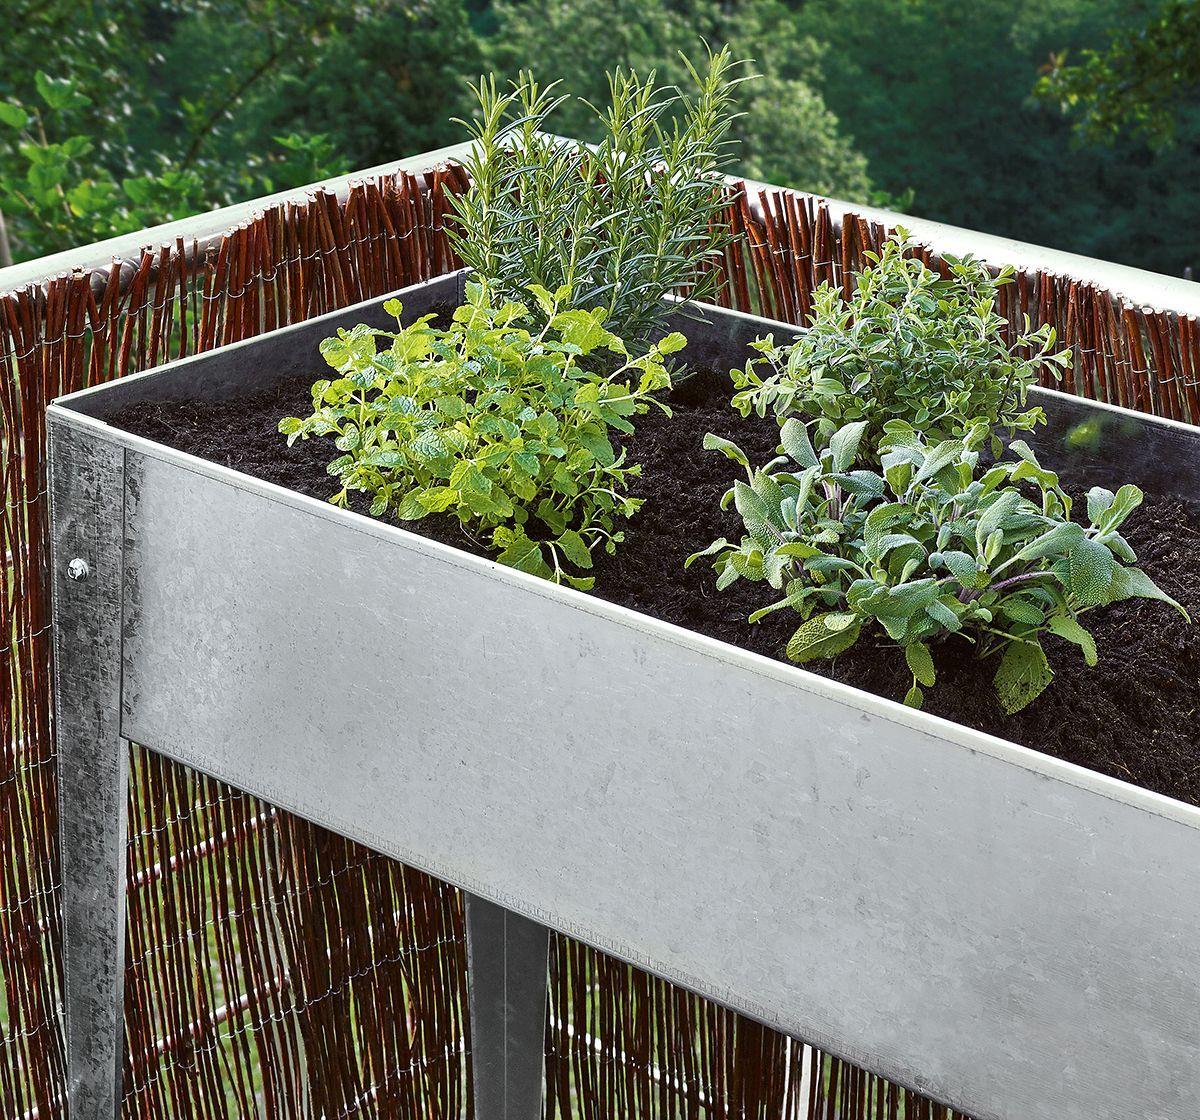 Hochbeete Fur Balkon Terrasse Den Garten Hochbeet Hochbeet Bauen Hochbeet Selber Bauen